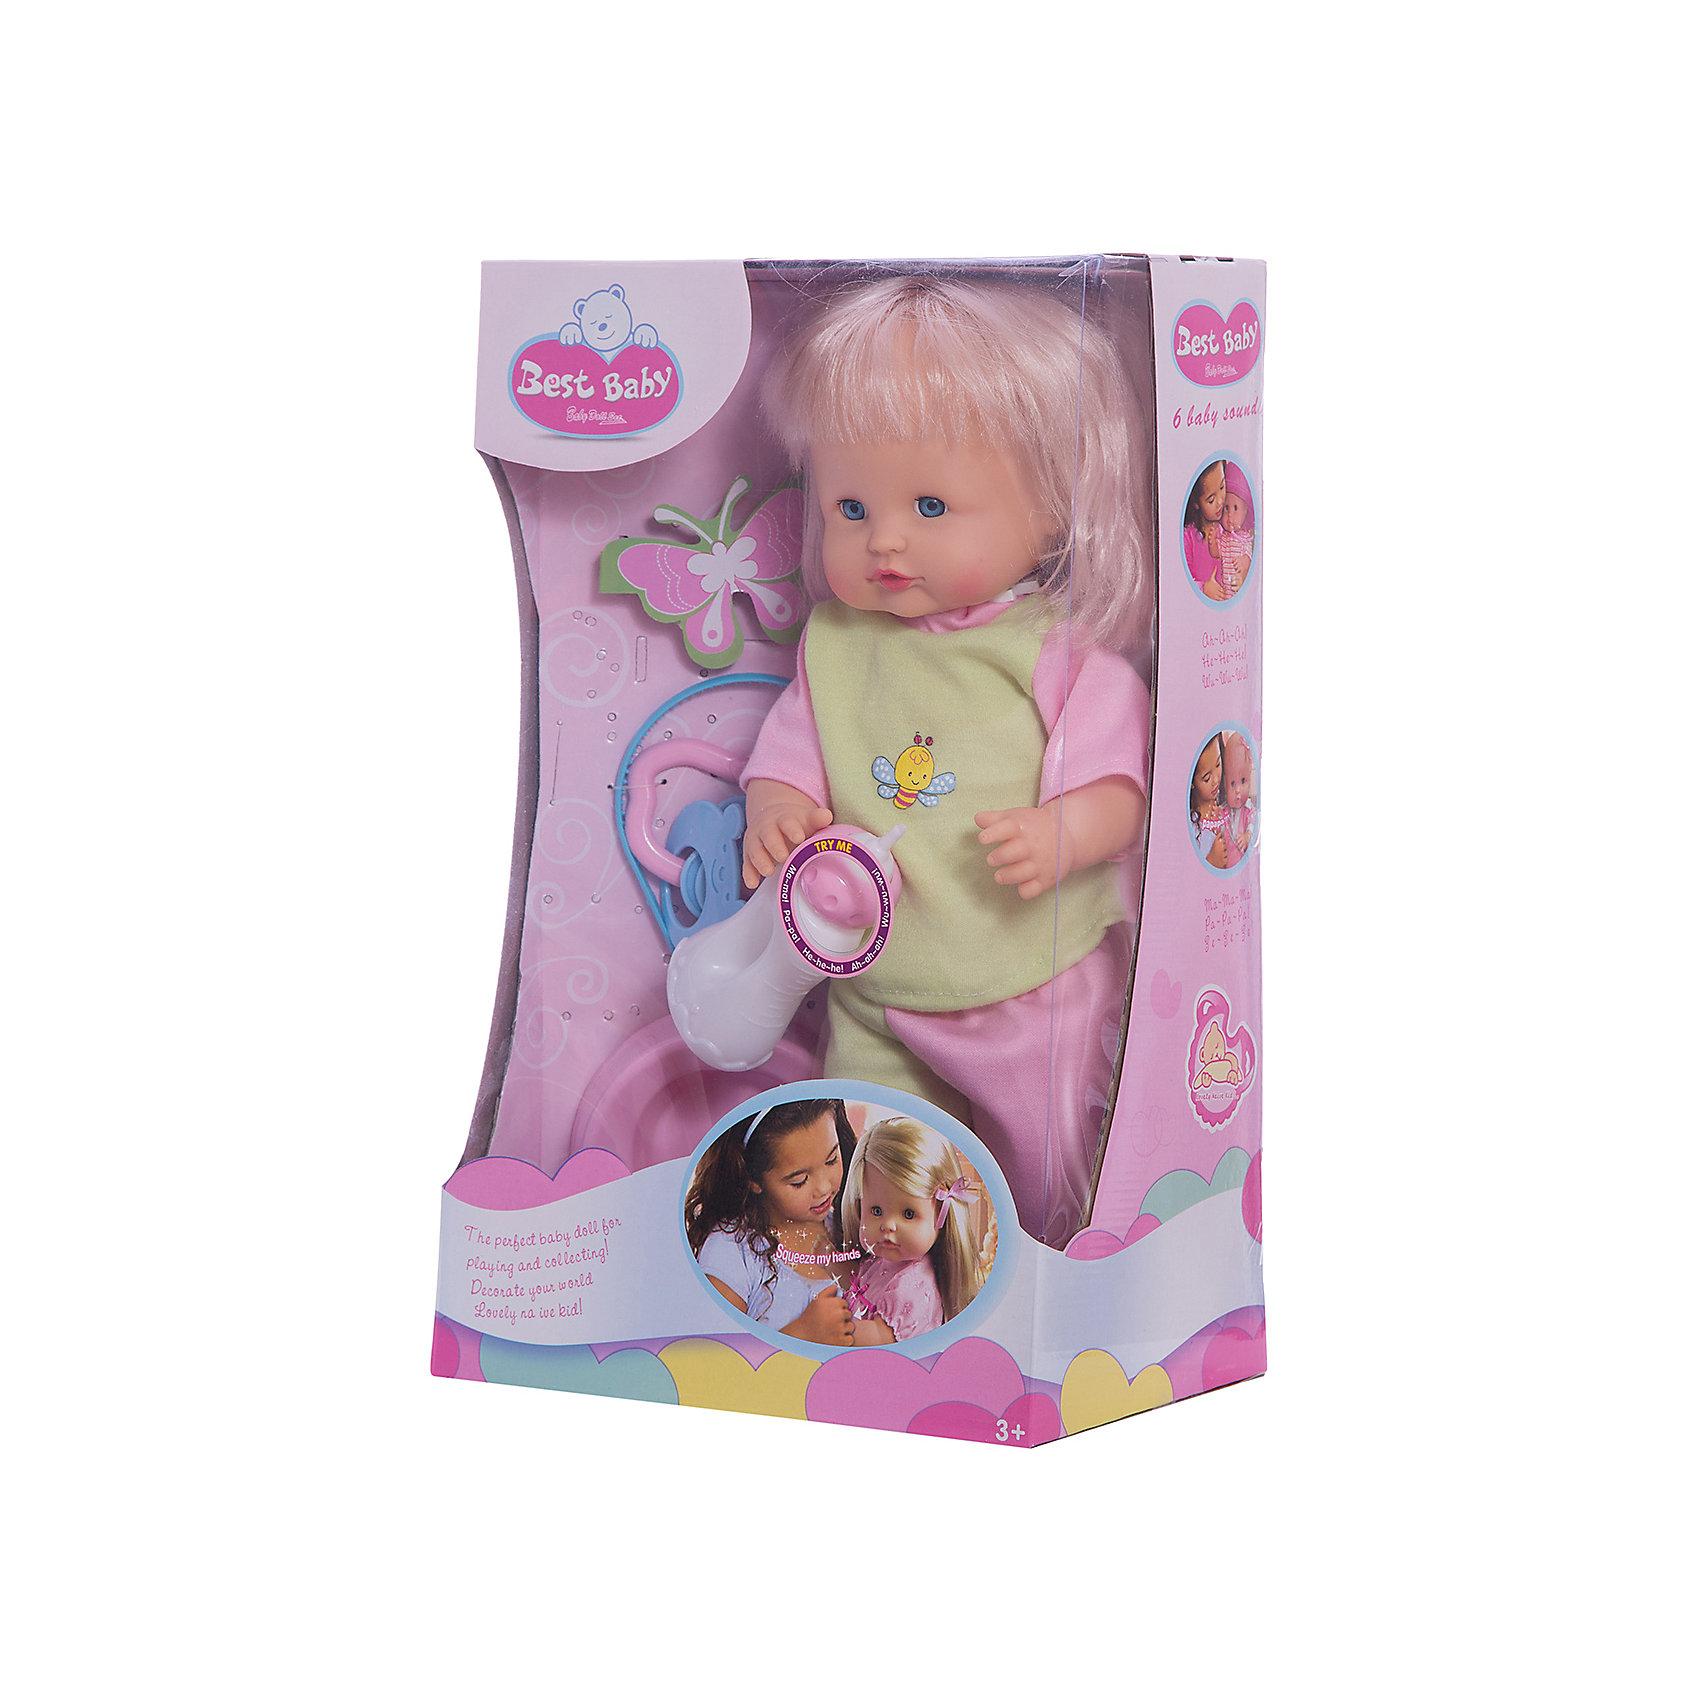 Пупс Сесилия 40 см, озвученный, Shantou GepaiКуклы<br>Пупс Сесилия 40 см, озвученный, Shantou Gepai - эта интересная кукла выглядит как настоящая маленькая девочка! Более того, в комплекте у этого пупса имеется все необходимые аксессуары по уходу – бутылочка для кормления, горшок, погремушка. Малышка одета в зелено-розовые штанишки и яркую кофточку в тон. Эта кукла умеет говорить, если нажать на ее ручку, она говорит мама, папа и другие слова. Нейтральное выражения лица пупса поможет ребенку придумать множество своих сценариев и чувств куклы, закладывая фундамент социальных навыков и социального развития. Играя с куклами дети познают человека, как с физиологической, так и с стороны общения между людьми, развивается моторика рук, внимание, воображение, такие игры положительно влияют на психологическое развитие. <br><br>Дополнительная информация:<br><br>- В комплект входит: 1 кукла в одежде, бутылочка, горшок, погремушка<br>- Материал: ПВХ, текстиль, пластик <br>- Размер куклы: 40 см<br><br>Пупса Сесилия 40 см, озвученного, Shantou Gepai можно купить в нашем интернет-магазине.<br><br>Подробнее:<br>• Для детей в возрасте: от 3 до 10 лет<br>• Номер товара: 4925590<br>Страна производитель: Китай<br><br>Ширина мм: 250<br>Глубина мм: 150<br>Высота мм: 380<br>Вес г: 4519<br>Возраст от месяцев: 36<br>Возраст до месяцев: 120<br>Пол: Женский<br>Возраст: Детский<br>SKU: 4925590